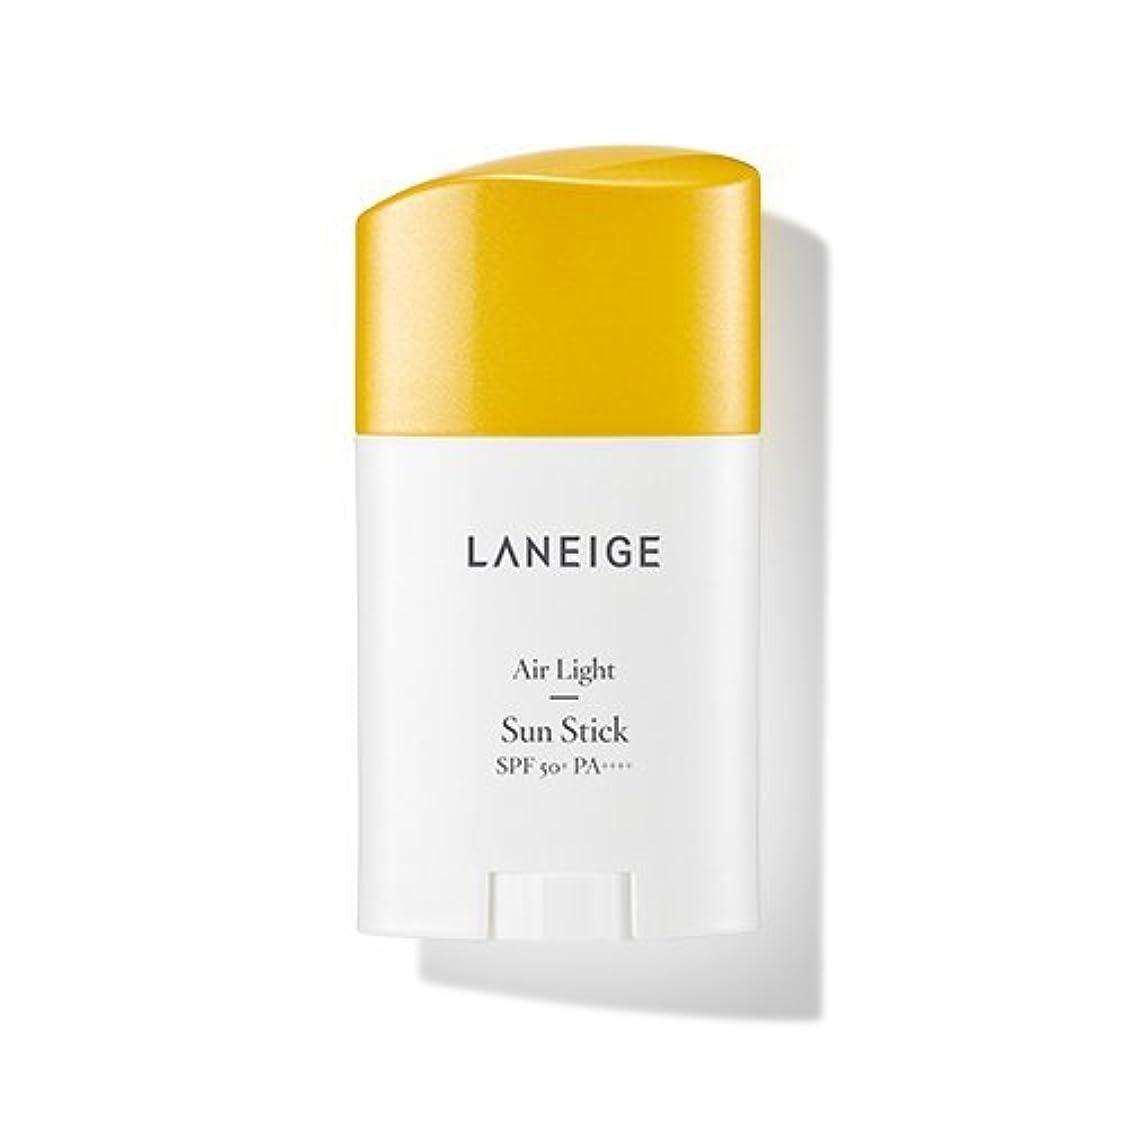 小麦傷跡アスレチックラネージュ(LANEIGE) エアライト?サンスティック Air Light Sun Stick SPF50 PA+++ 26g